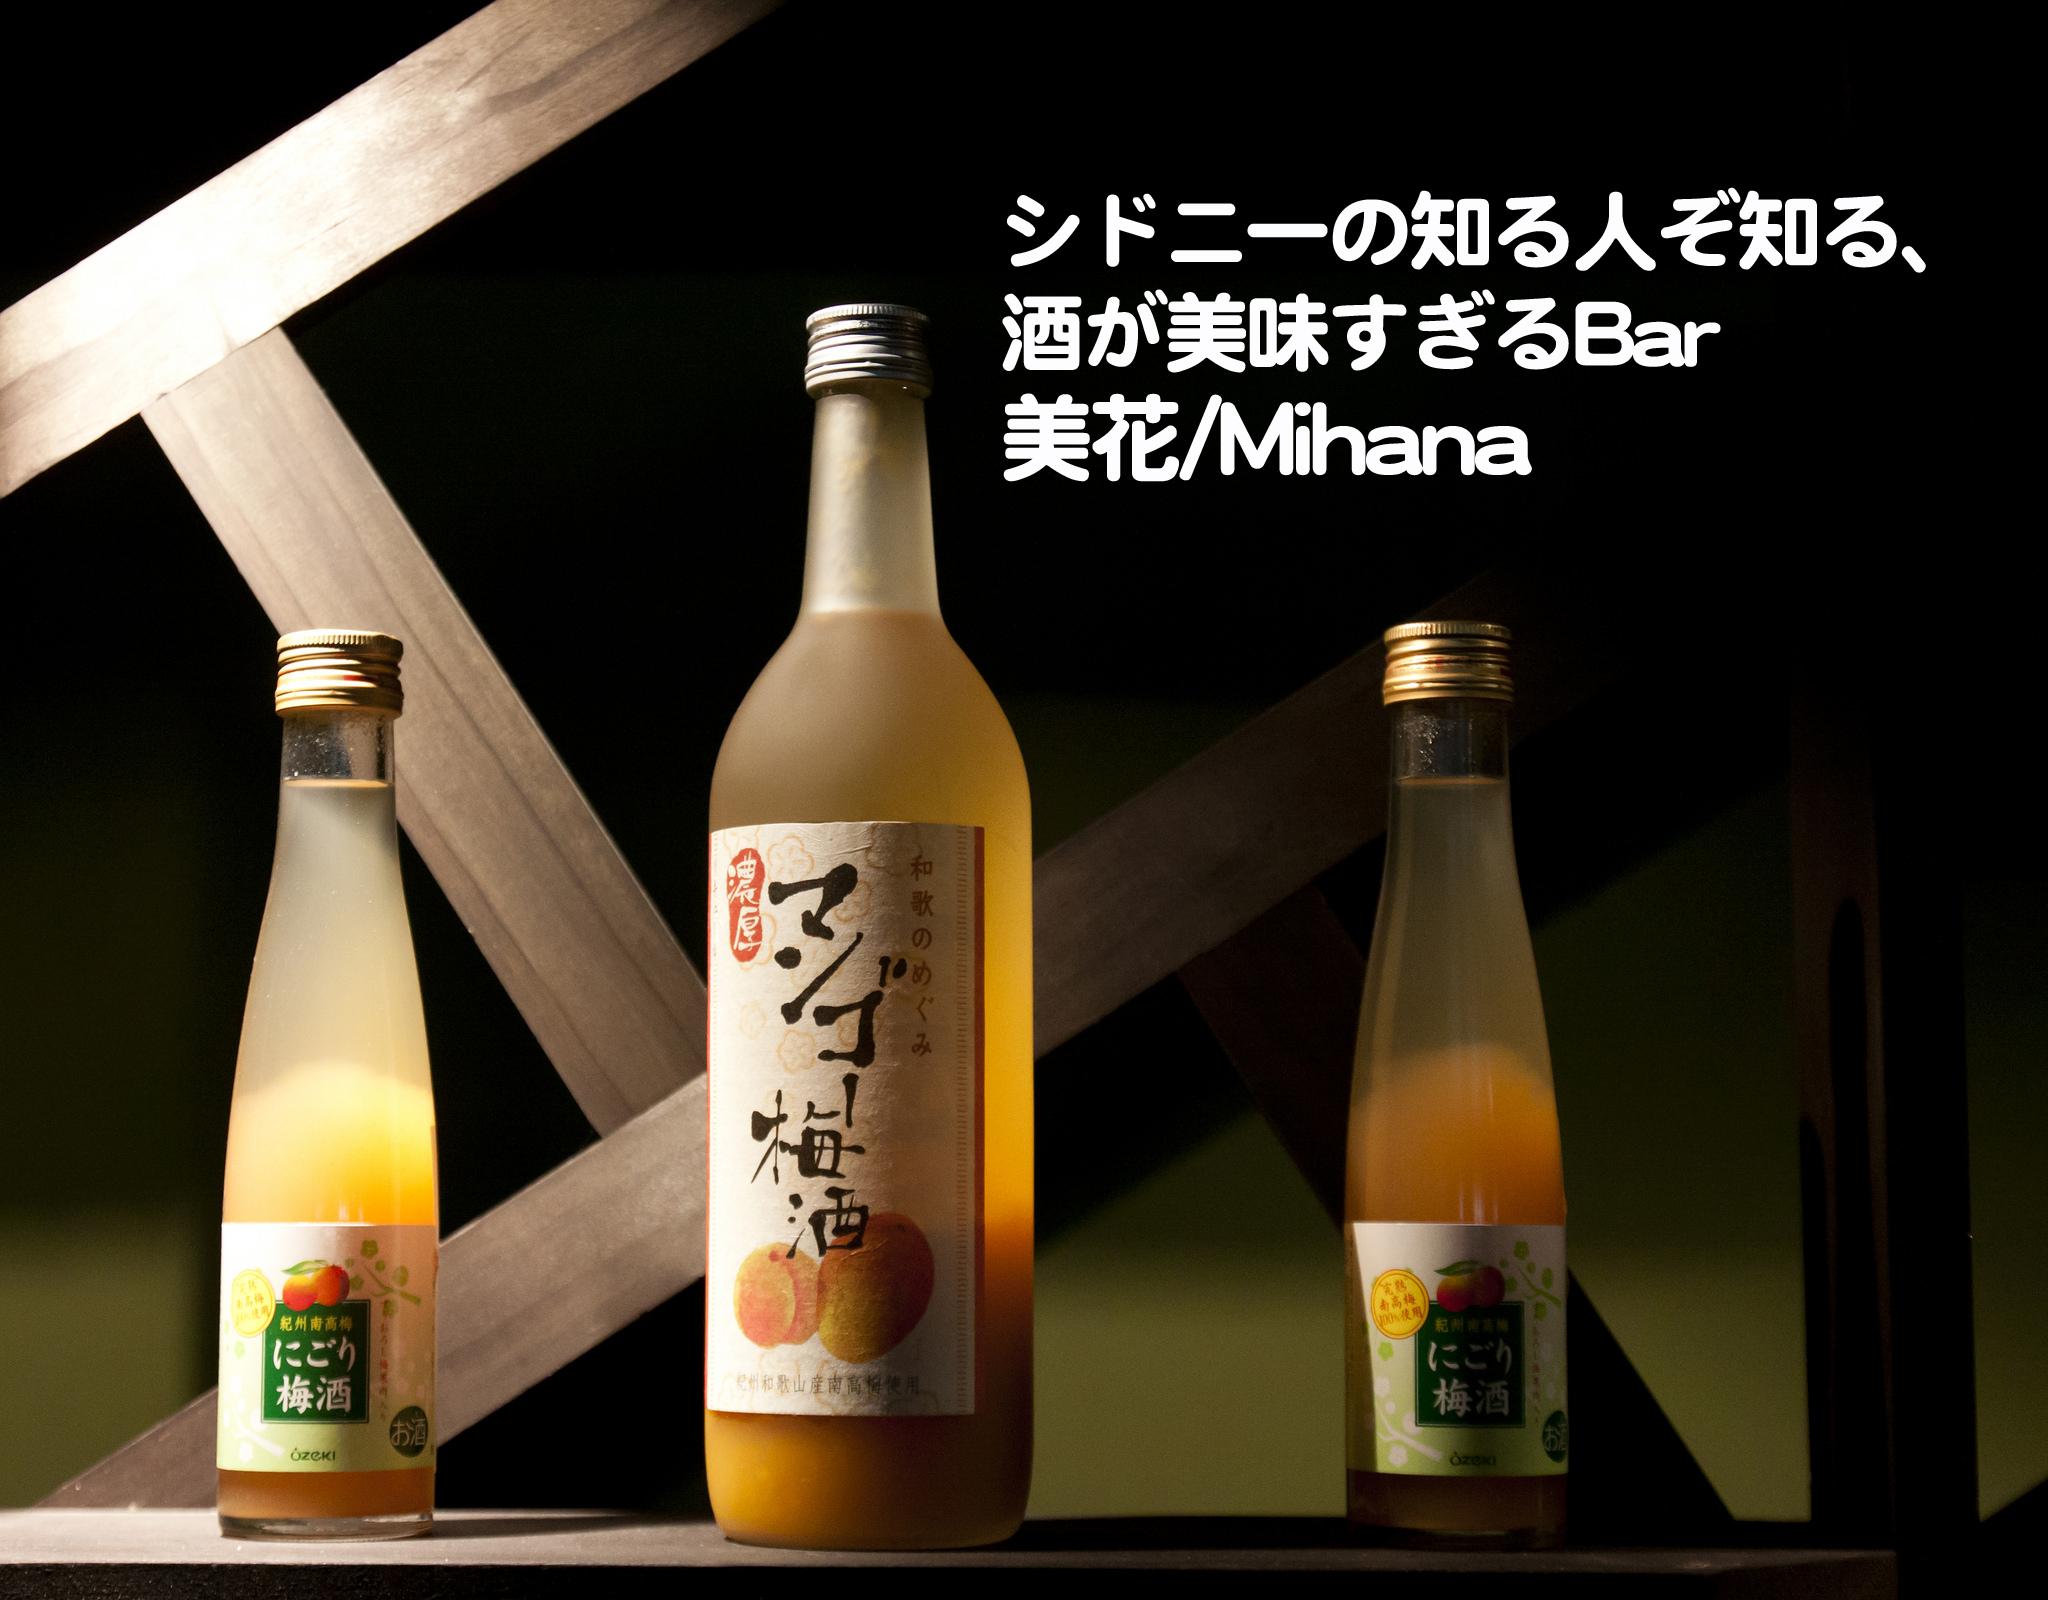 【美花】シドニーの知る人ぞ知る、酒が美味いスナック!!